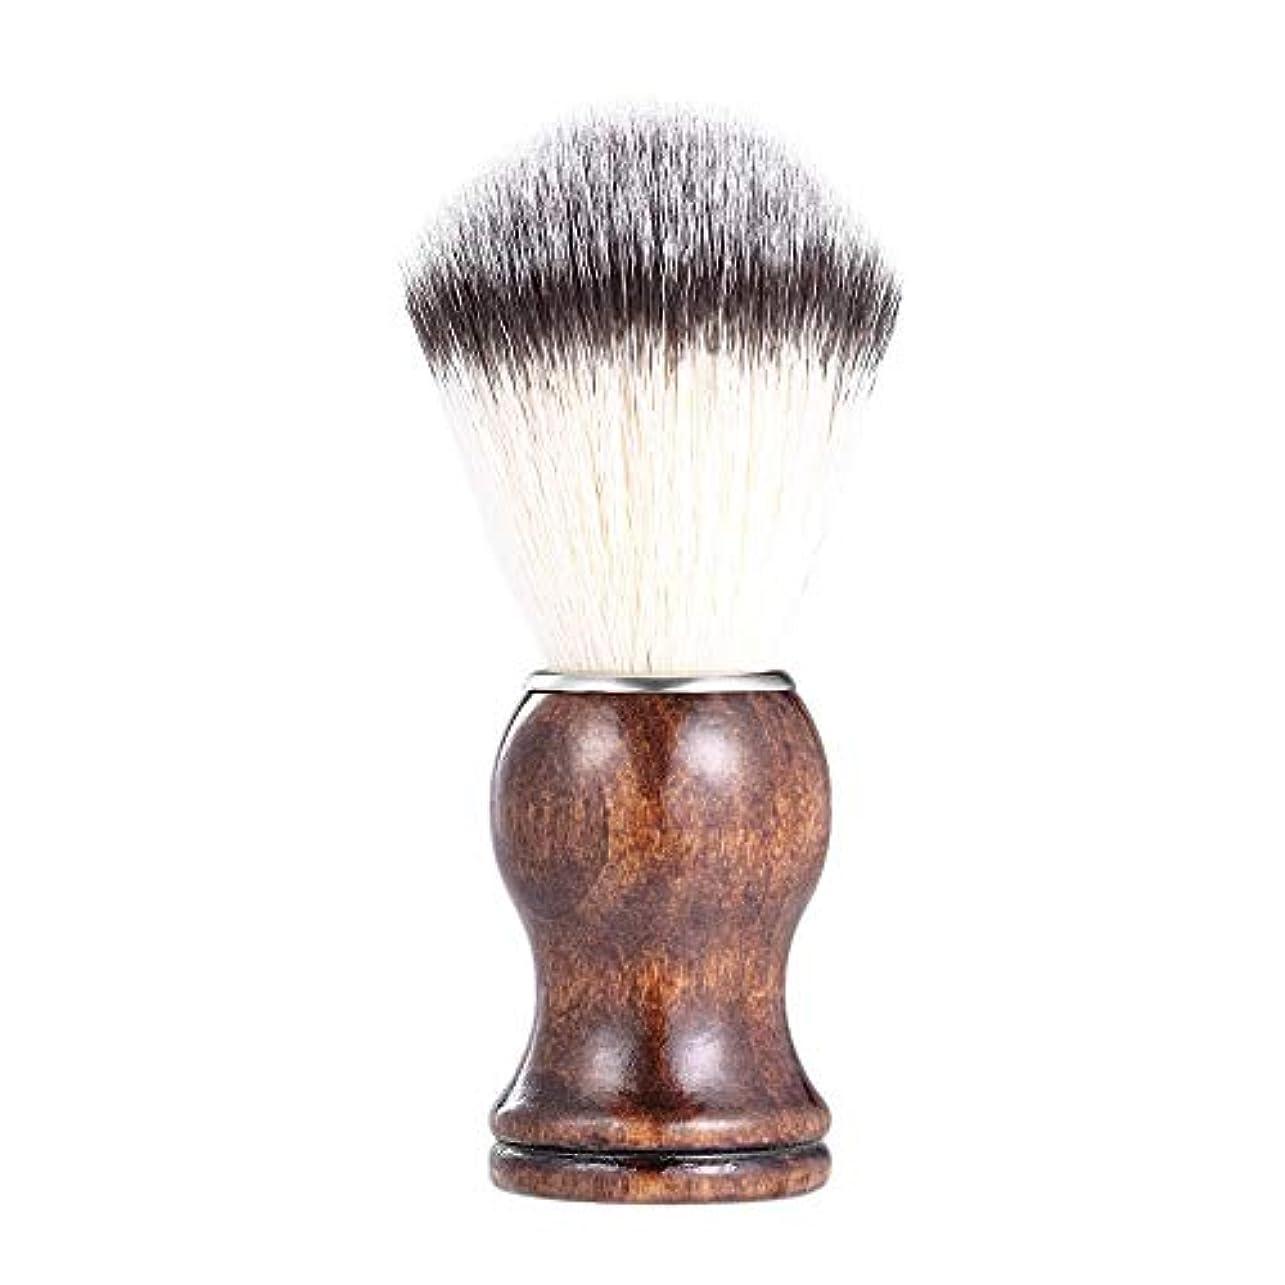 省に変わる特異性あごひげケア 美容ツール メンズ用 髭剃り ブラシ シェービングブラシ 木製ハンドル 男性 ギフト理容 洗顔 髭剃り